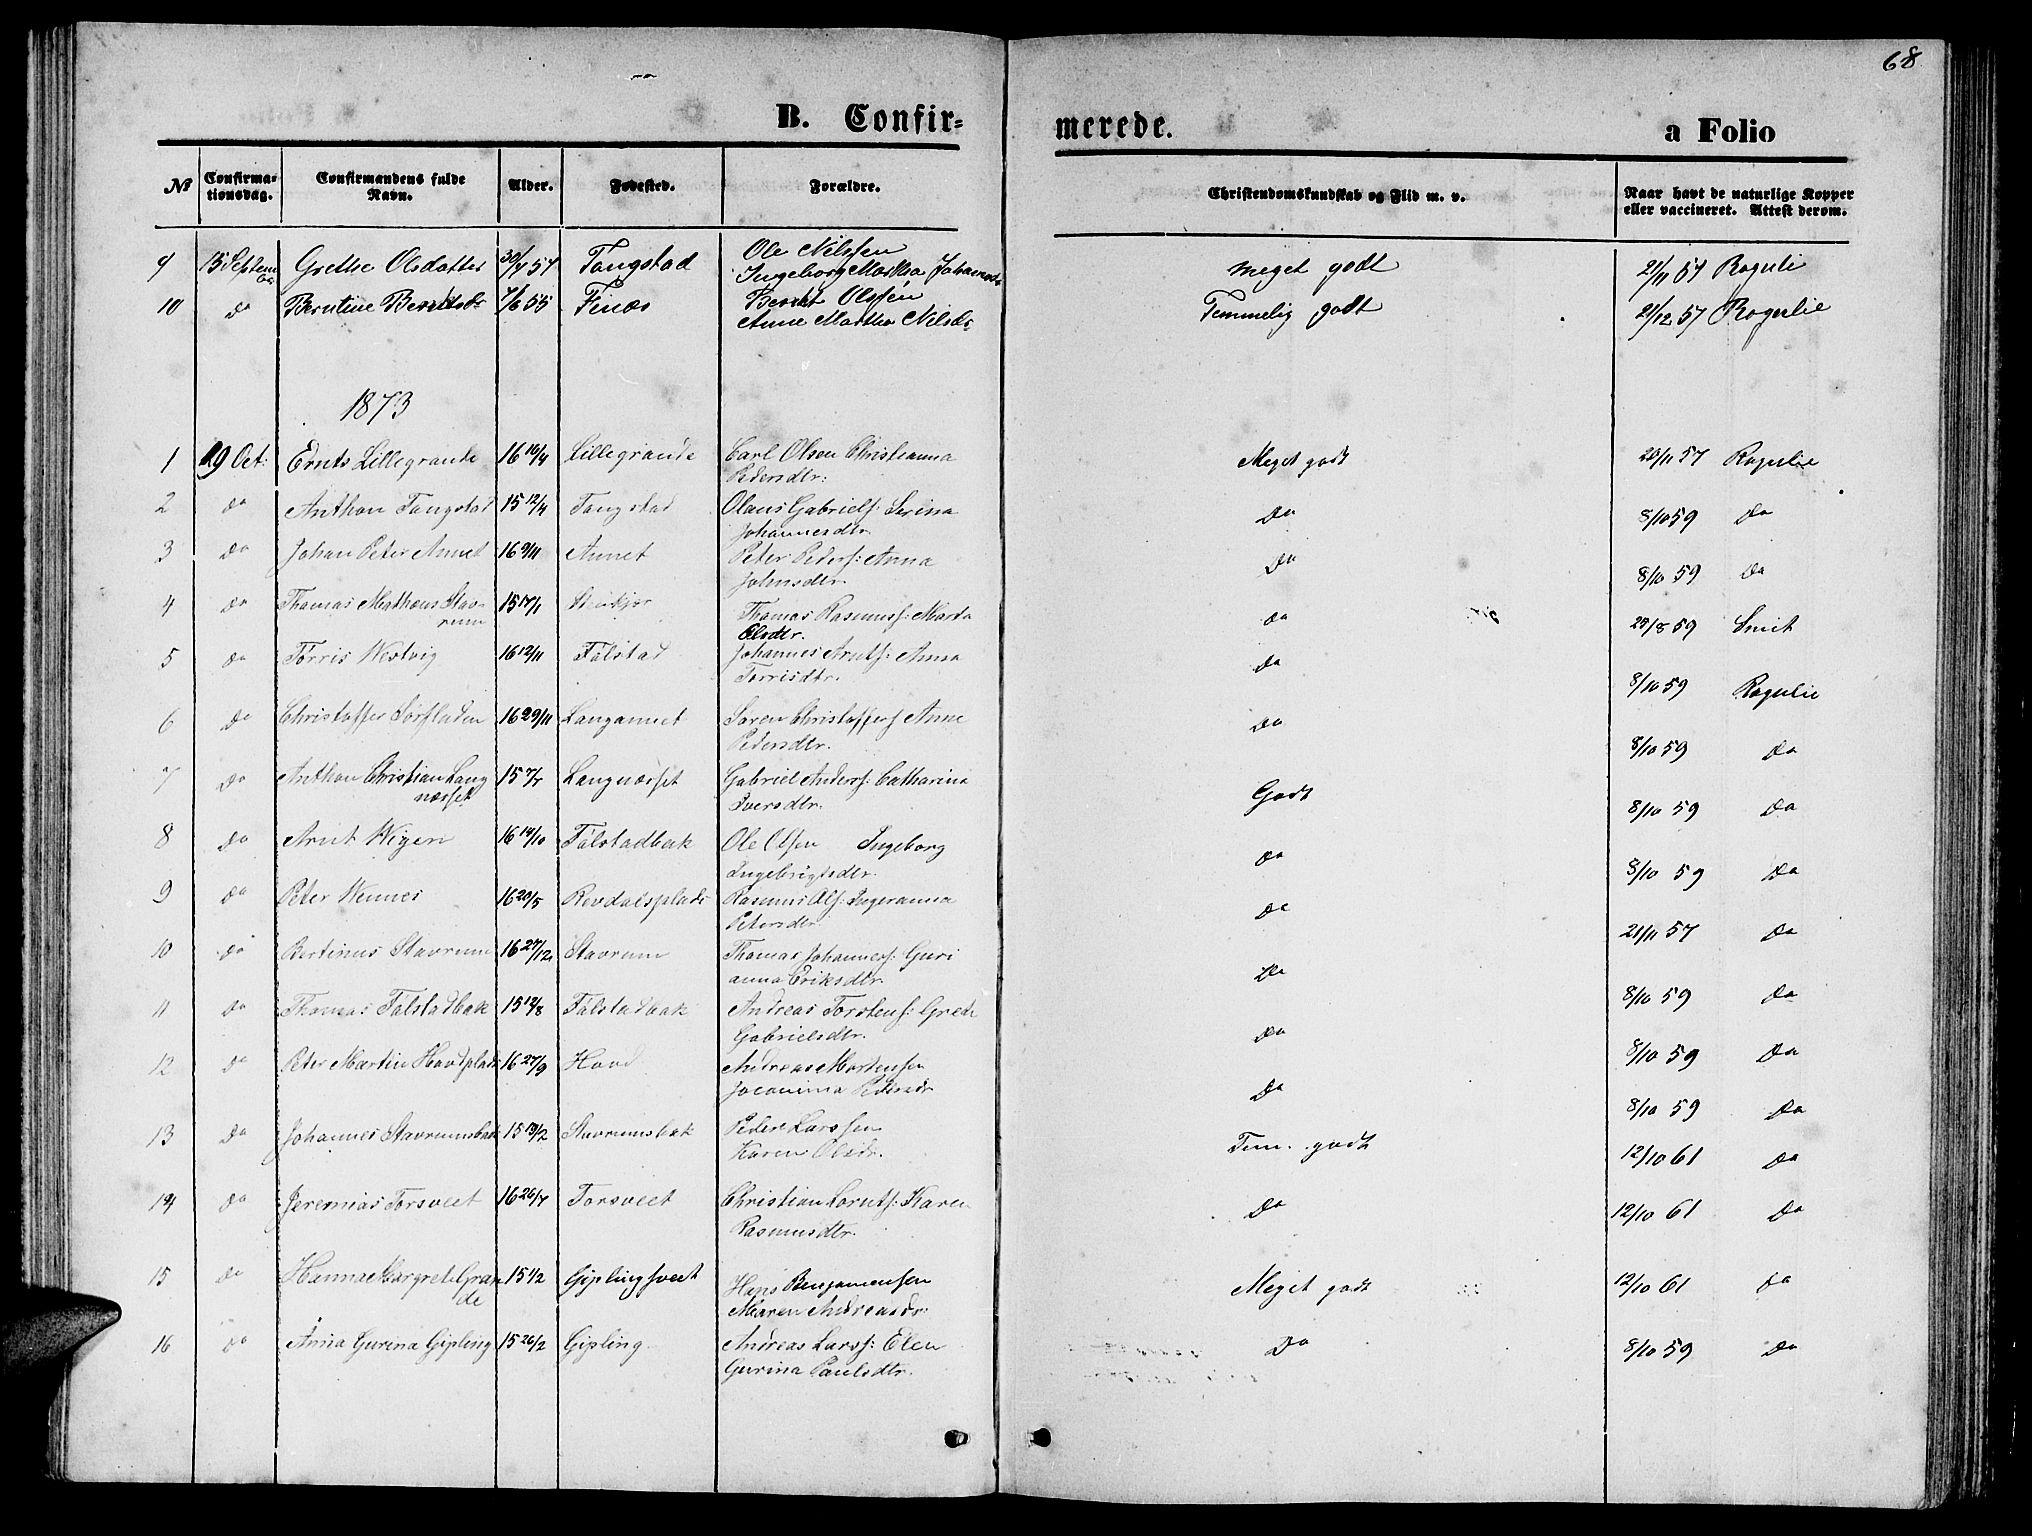 SAT, Ministerialprotokoller, klokkerbøker og fødselsregistre - Nord-Trøndelag, 744/L0422: Klokkerbok nr. 744C01, 1871-1885, s. 68